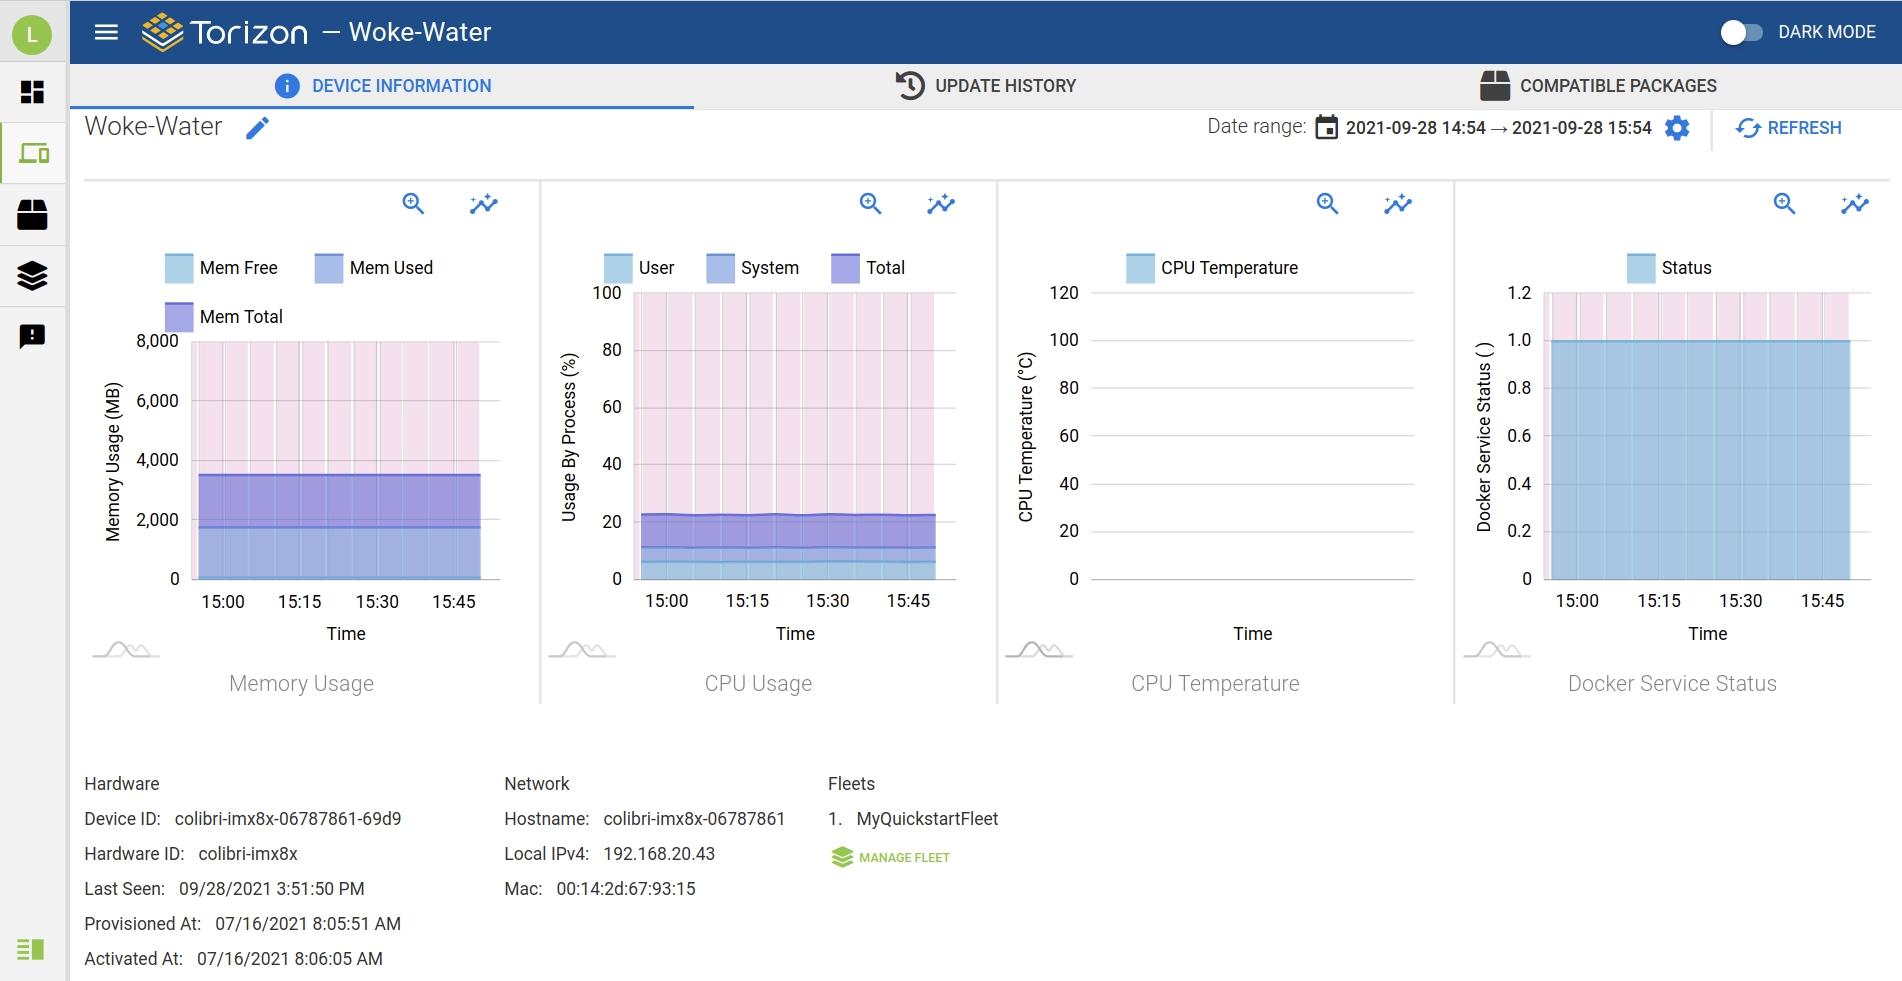 TorizonCore 5.4.0 Quarterly Release